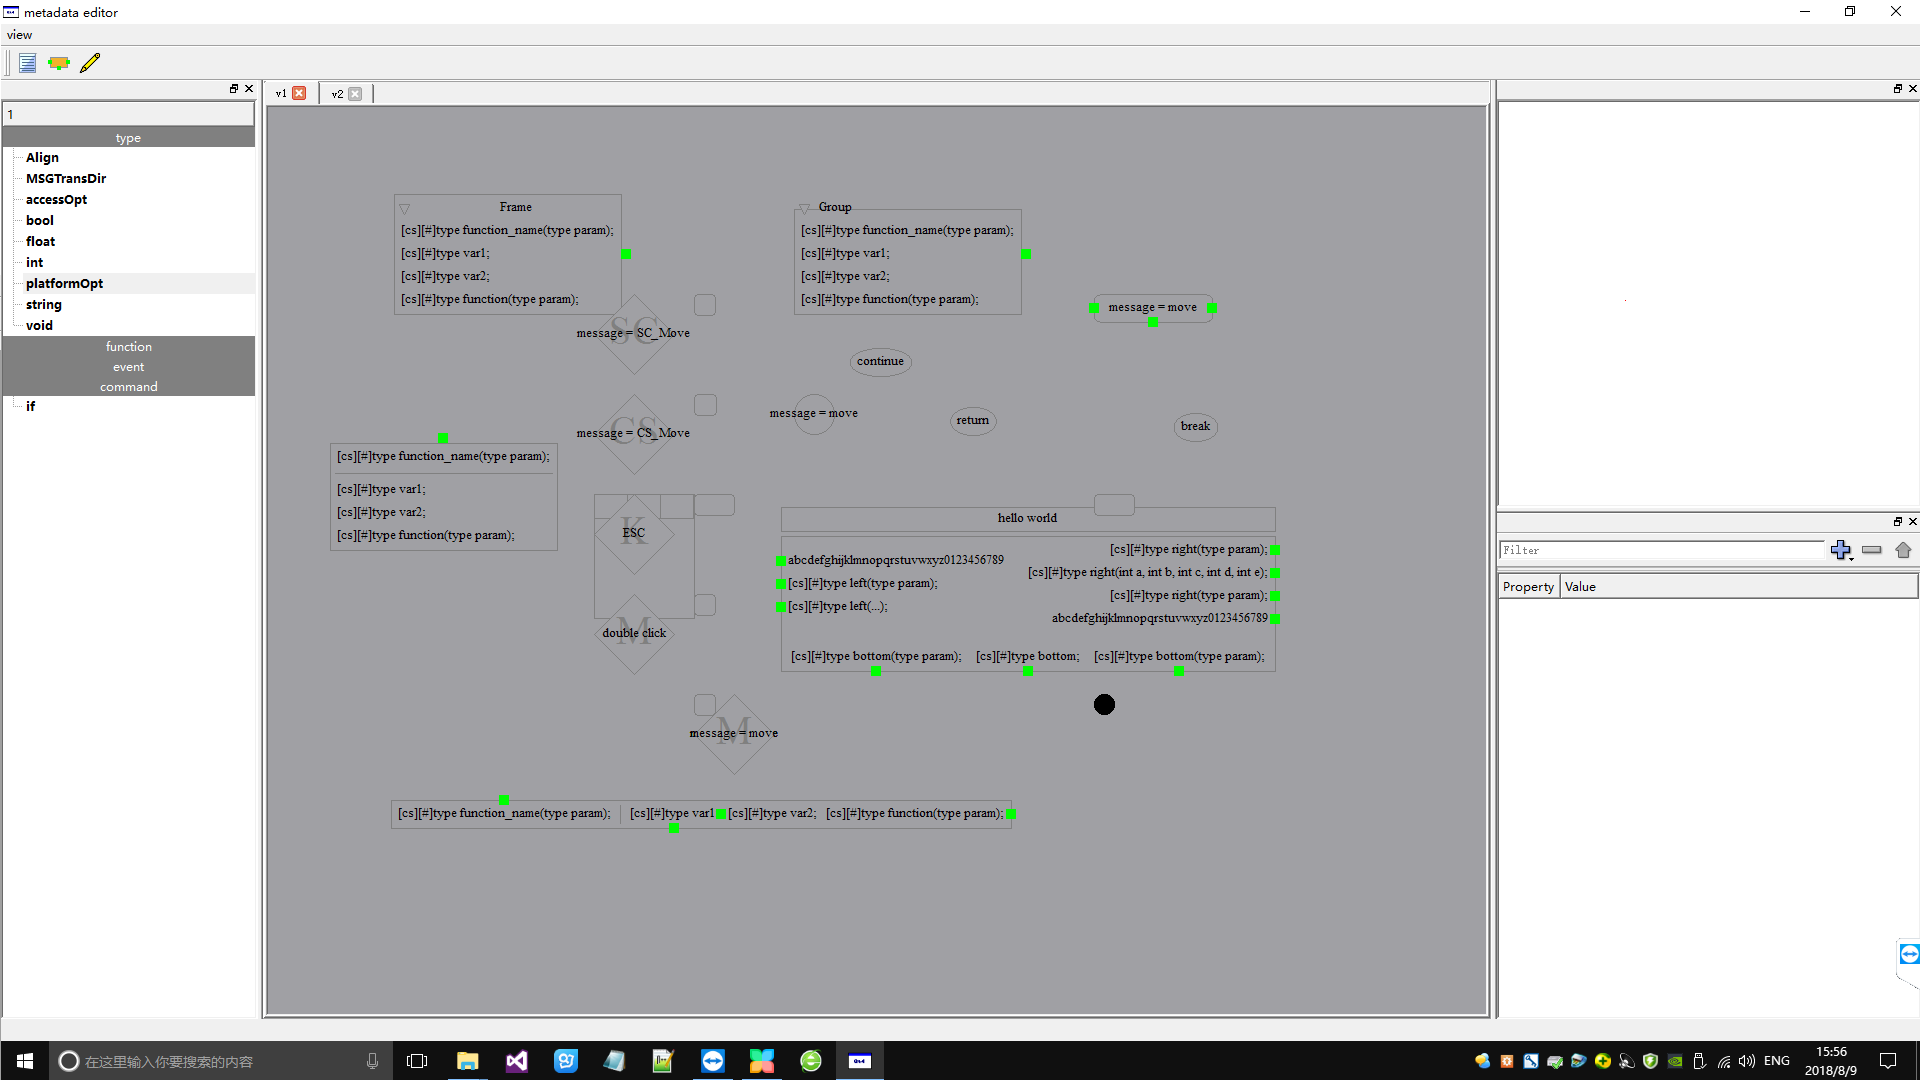 游戏公司内部编辑软件,可视化编程